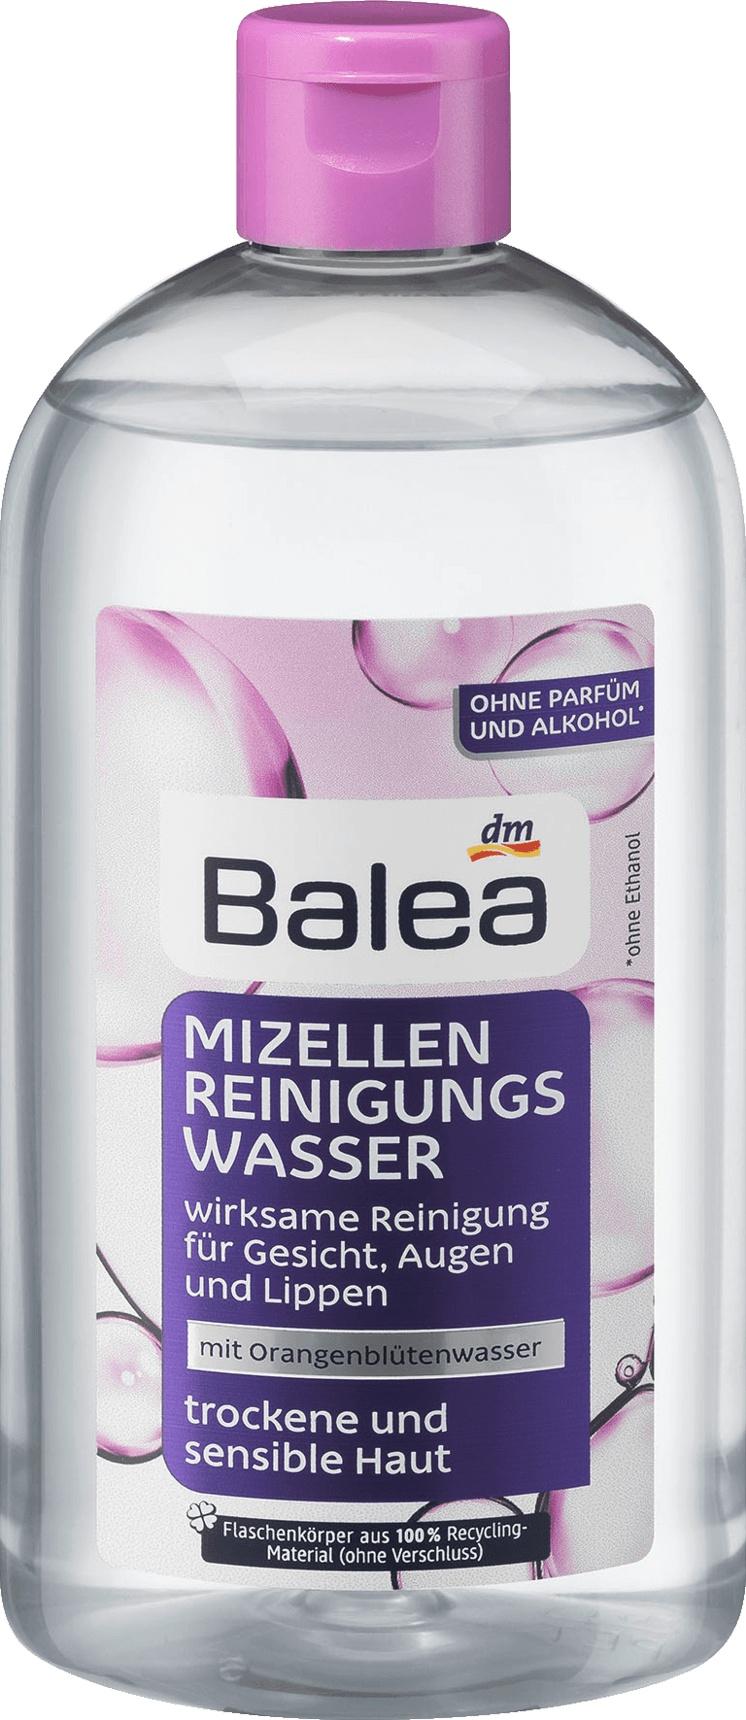 Balea Mizellen Gesichtsreinigungswasser - Trockene Haut